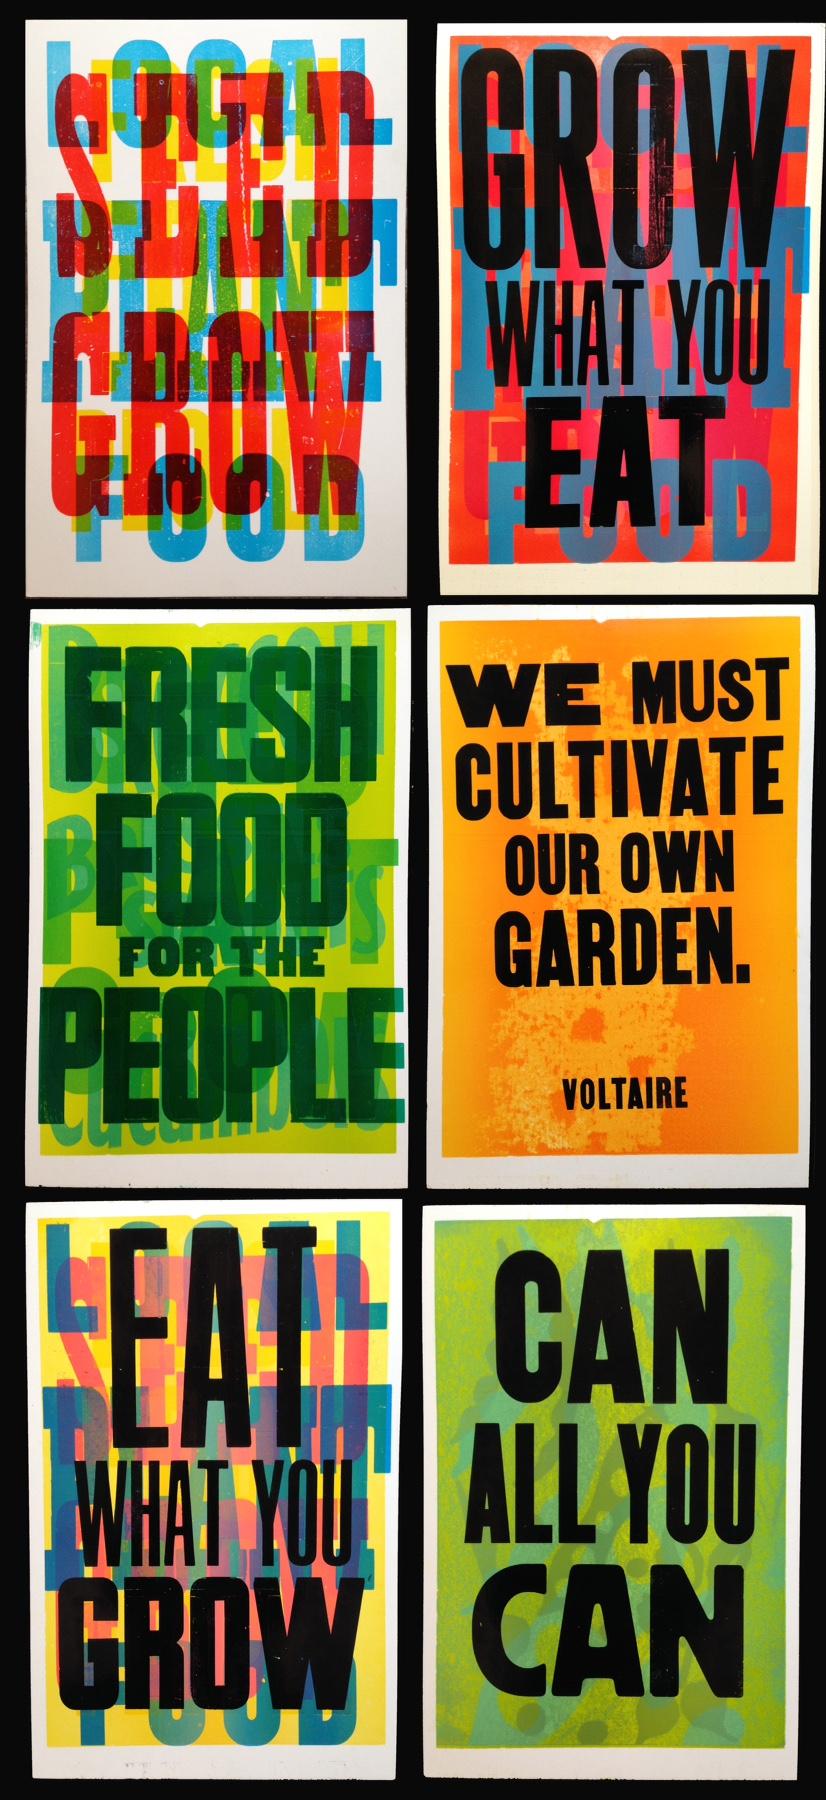 food justice series prints